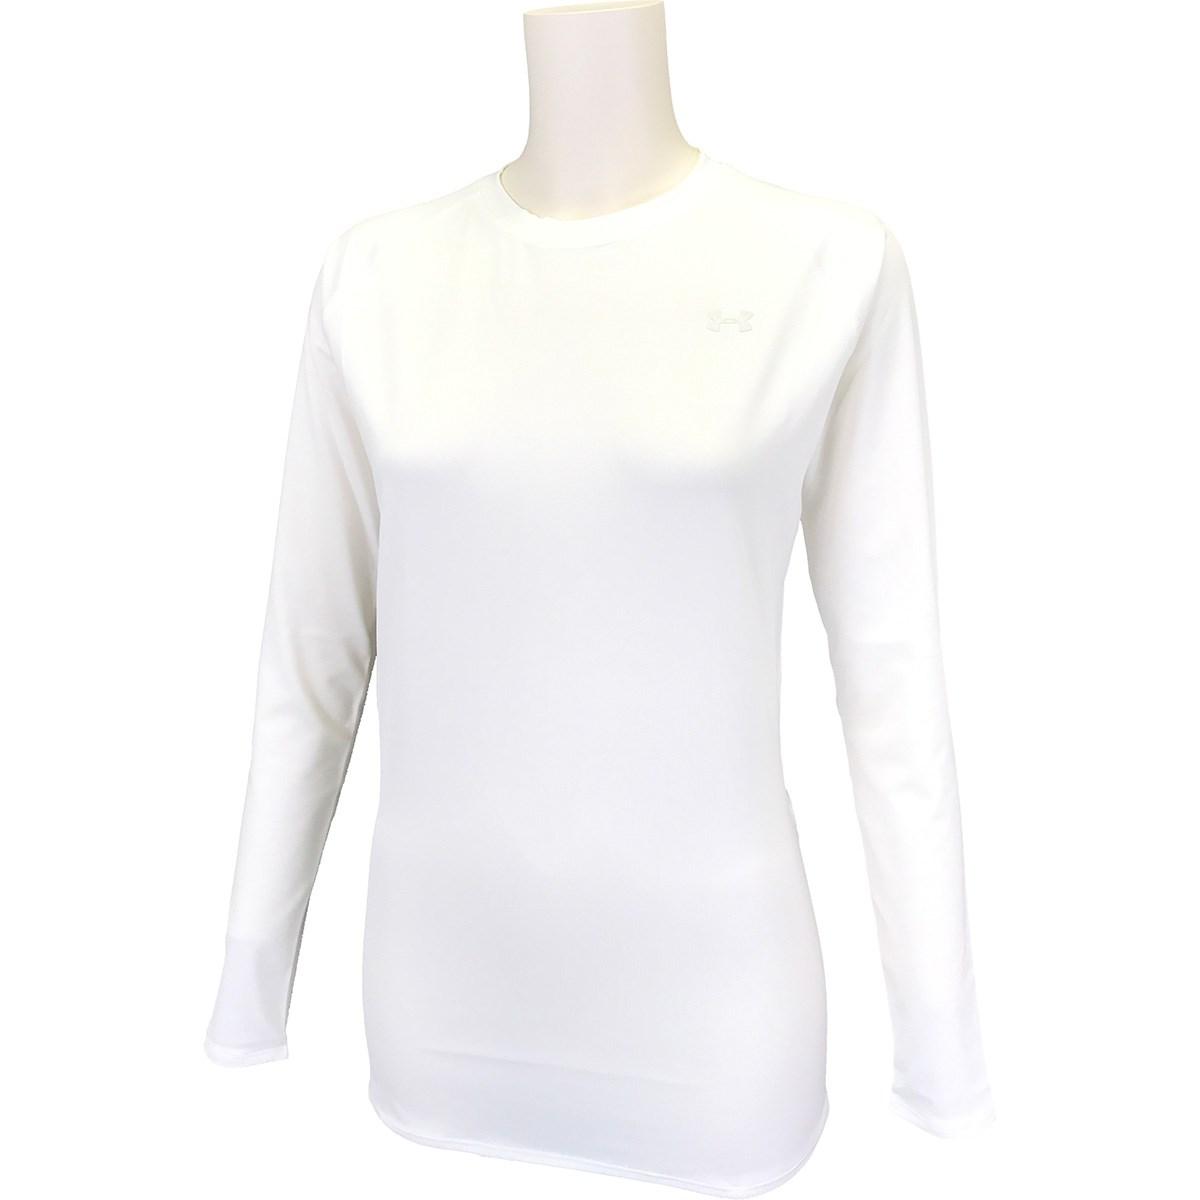 アンダーアーマー Under Armour UA HGコンプレッション 長袖クルーネックアンダーシャツ SM White レディス